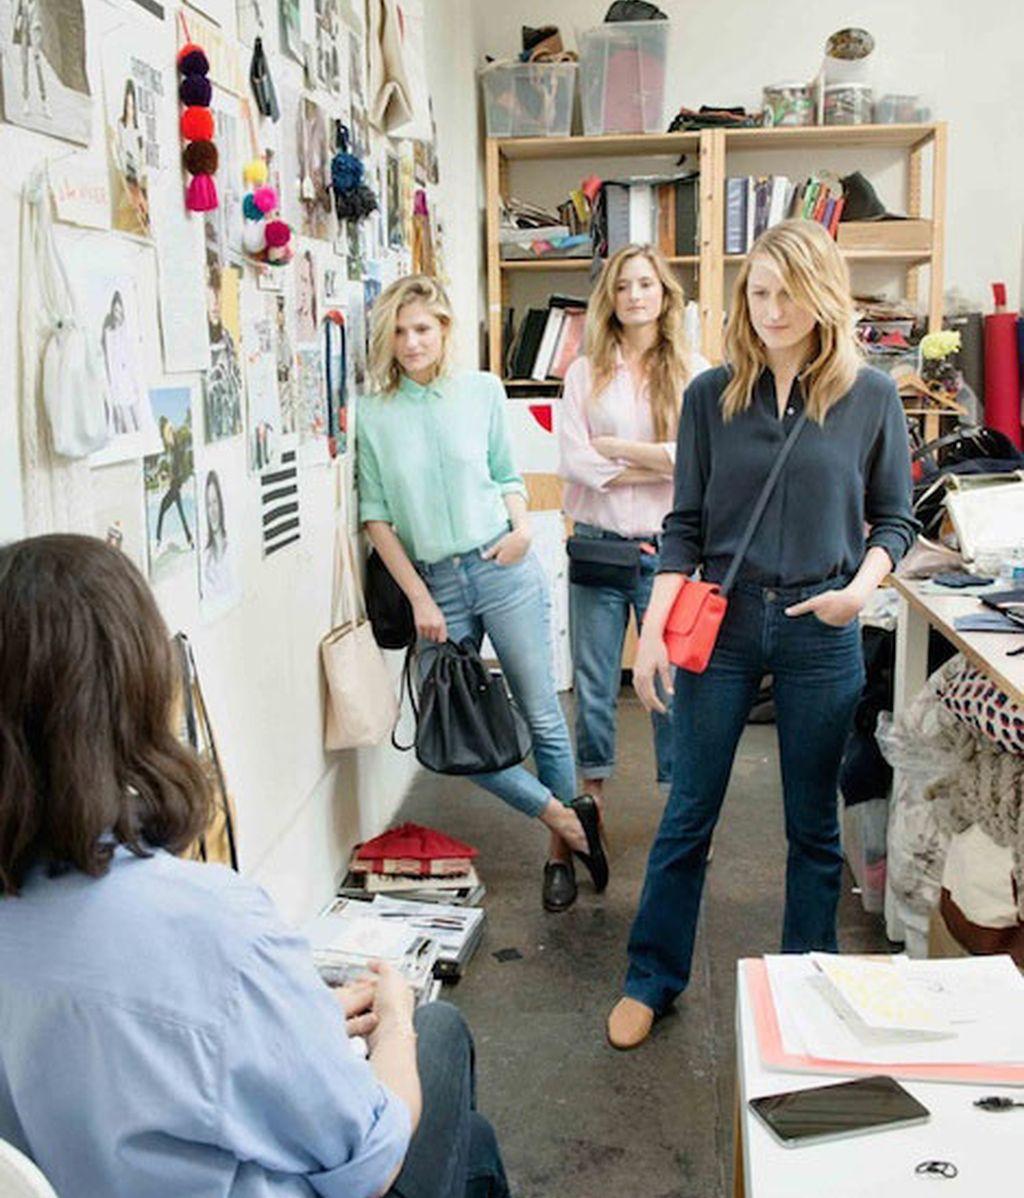 Las hijas de Meryl Streep son la nueva imagen de & Other Stories